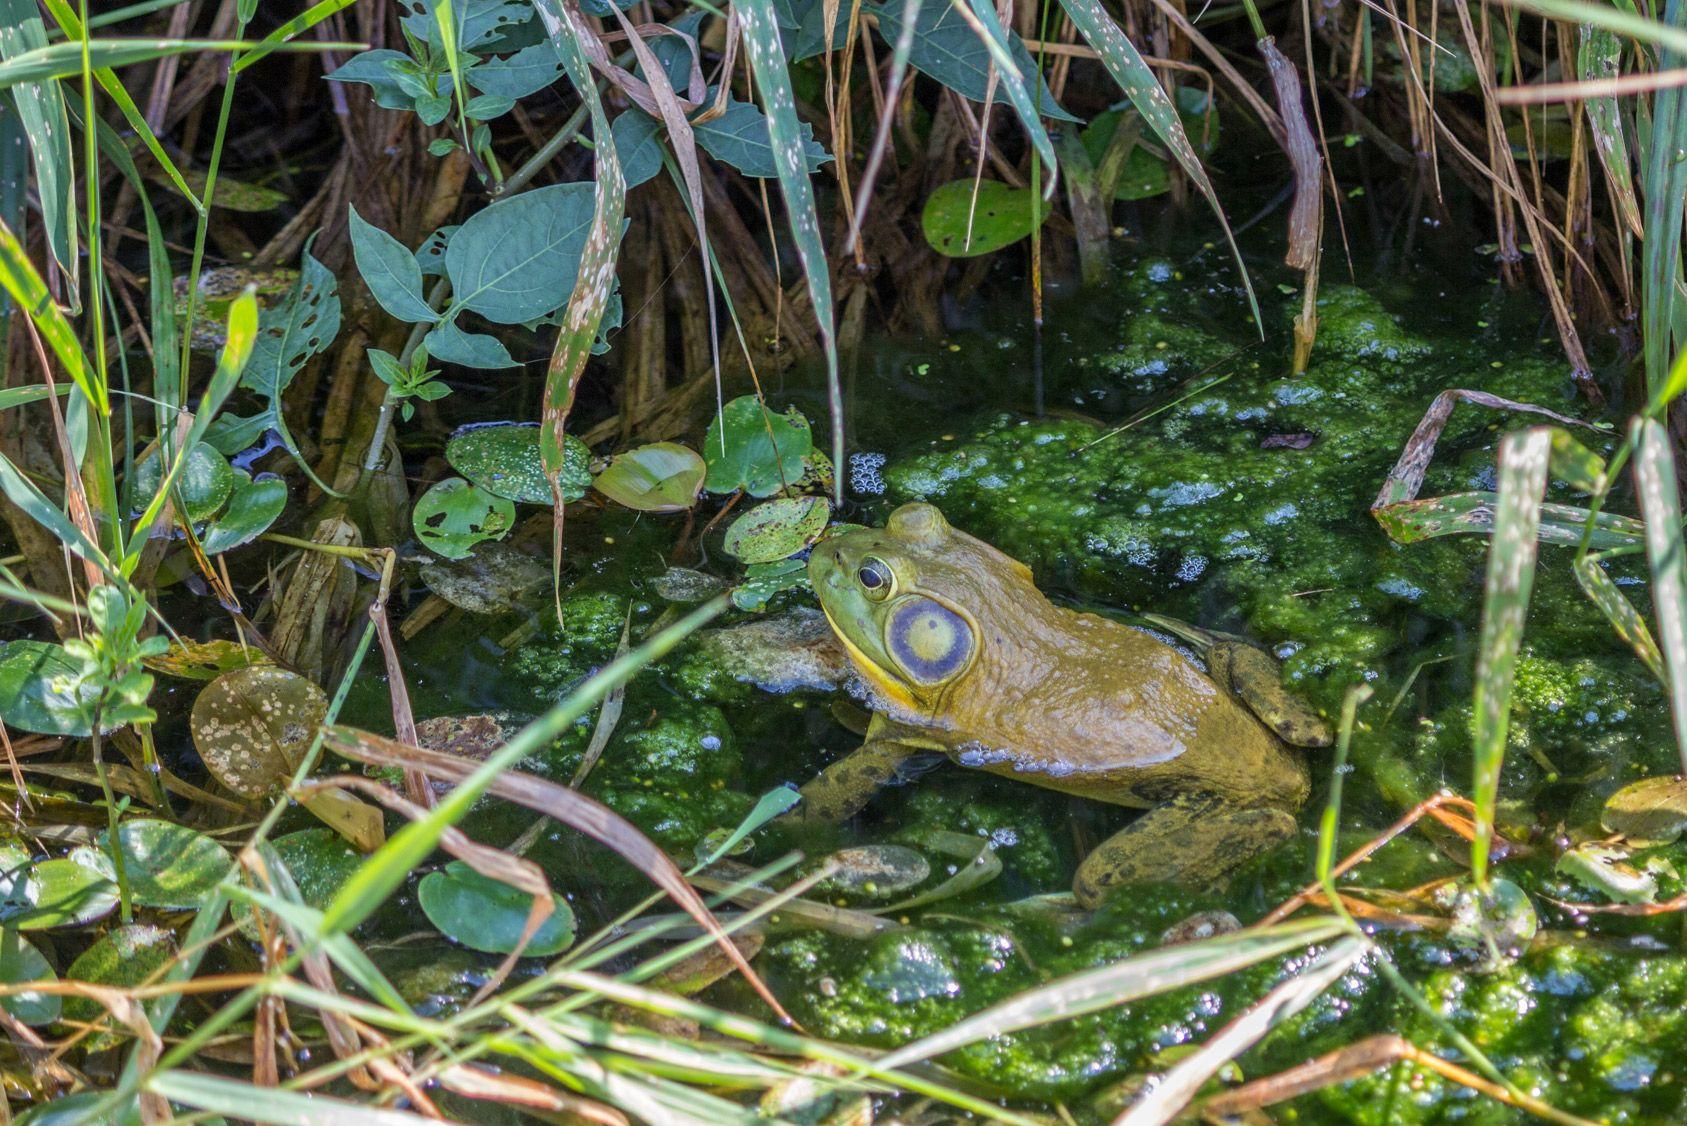 Un voisin le fait condamner parce que ses grenouilles sont trop bruyantes